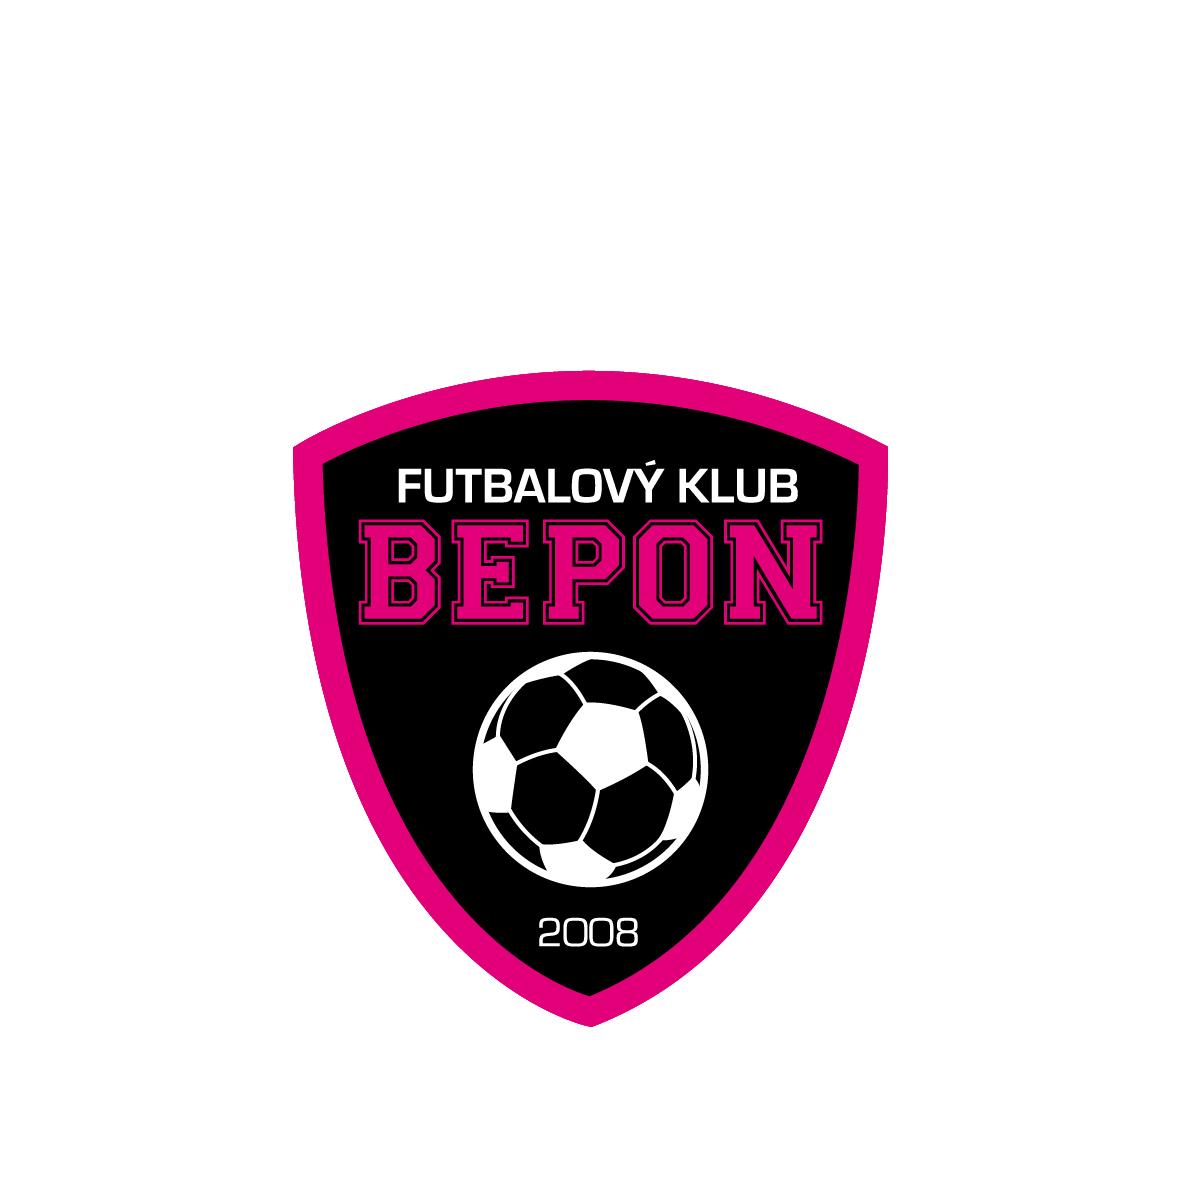 FC BEPON